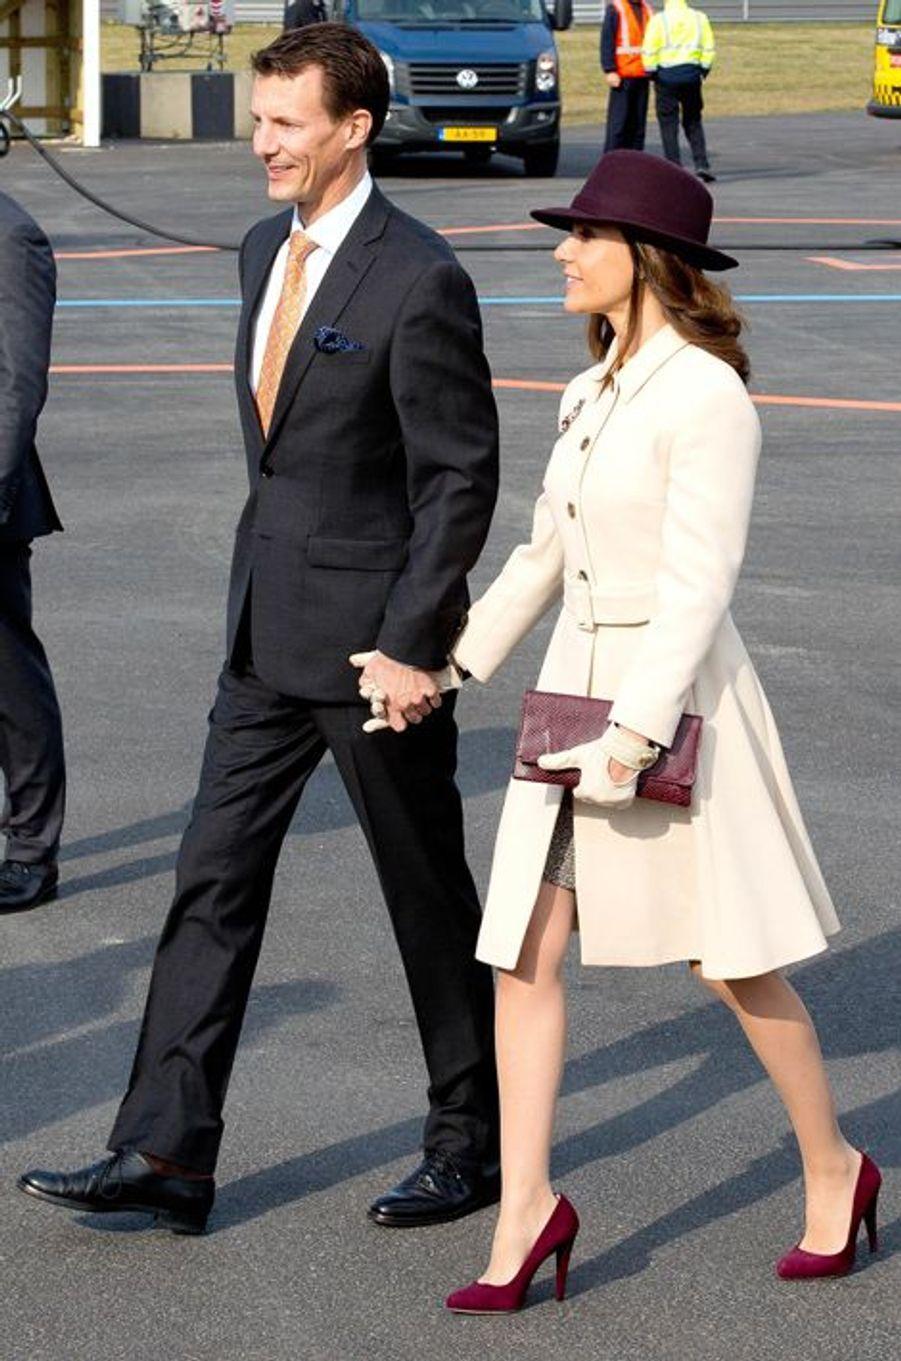 La princesse Marie et le prince Joachim de Danemark à l'aéroport de Copenhague, le 17 mars 2015